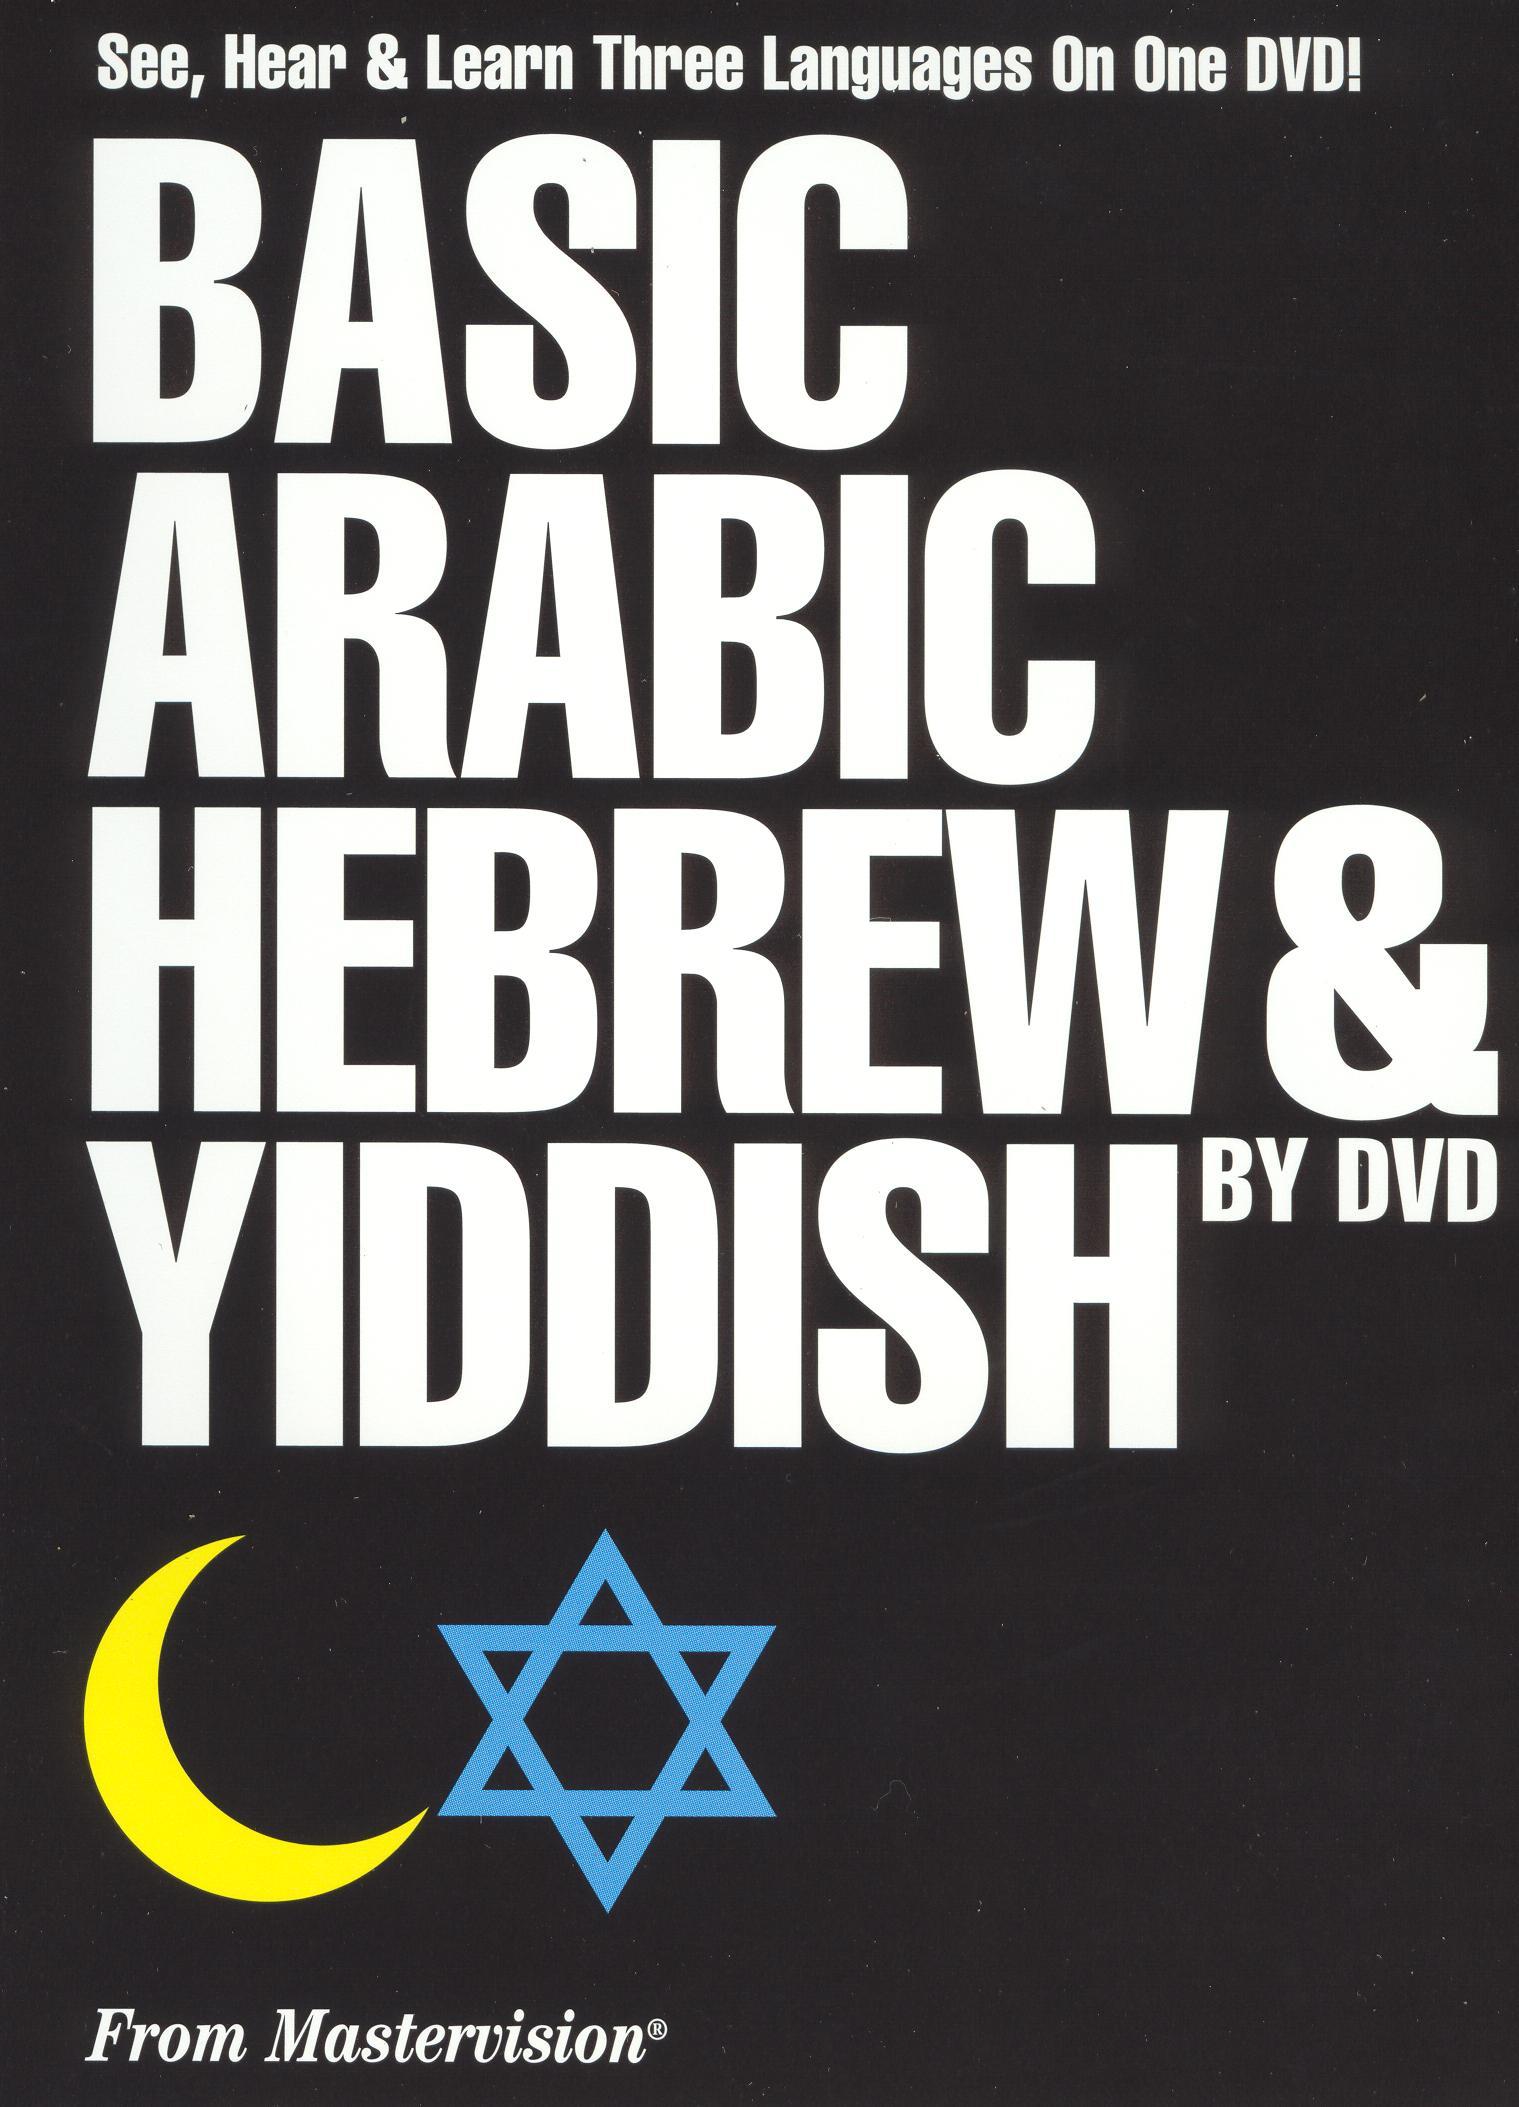 Basic Arabic Hebrew and Yiddish on Dvd